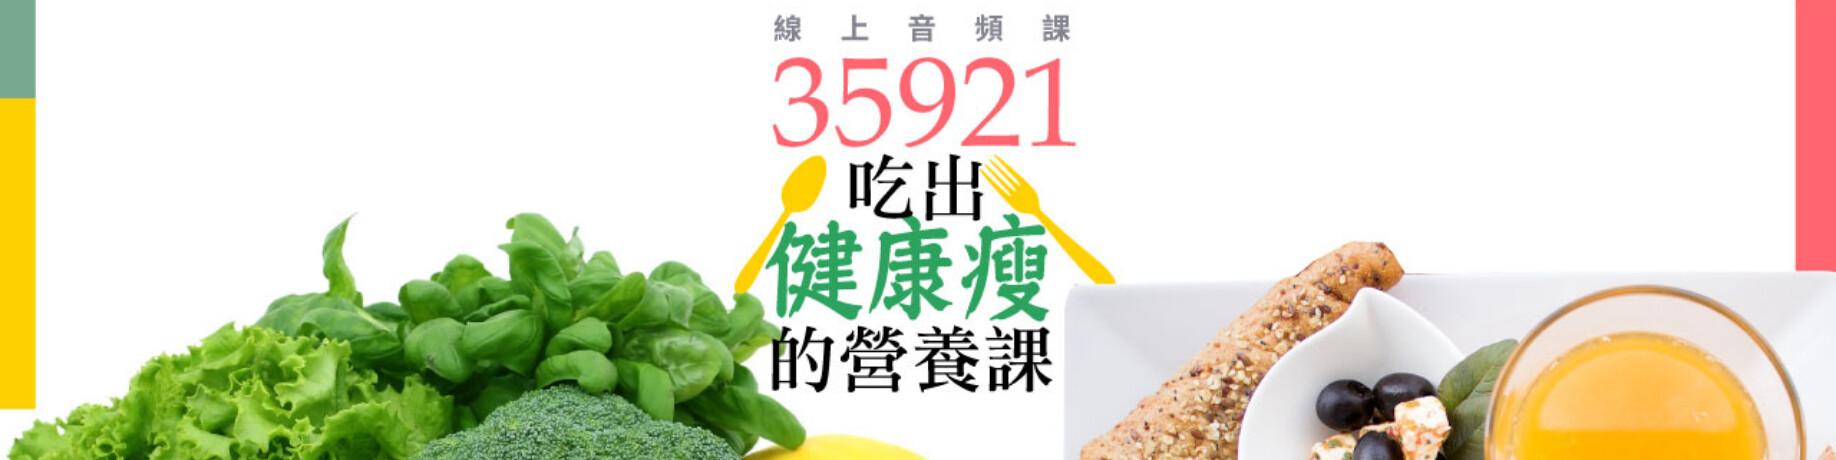 洪泰雄:35921教你健康瘦的營養課